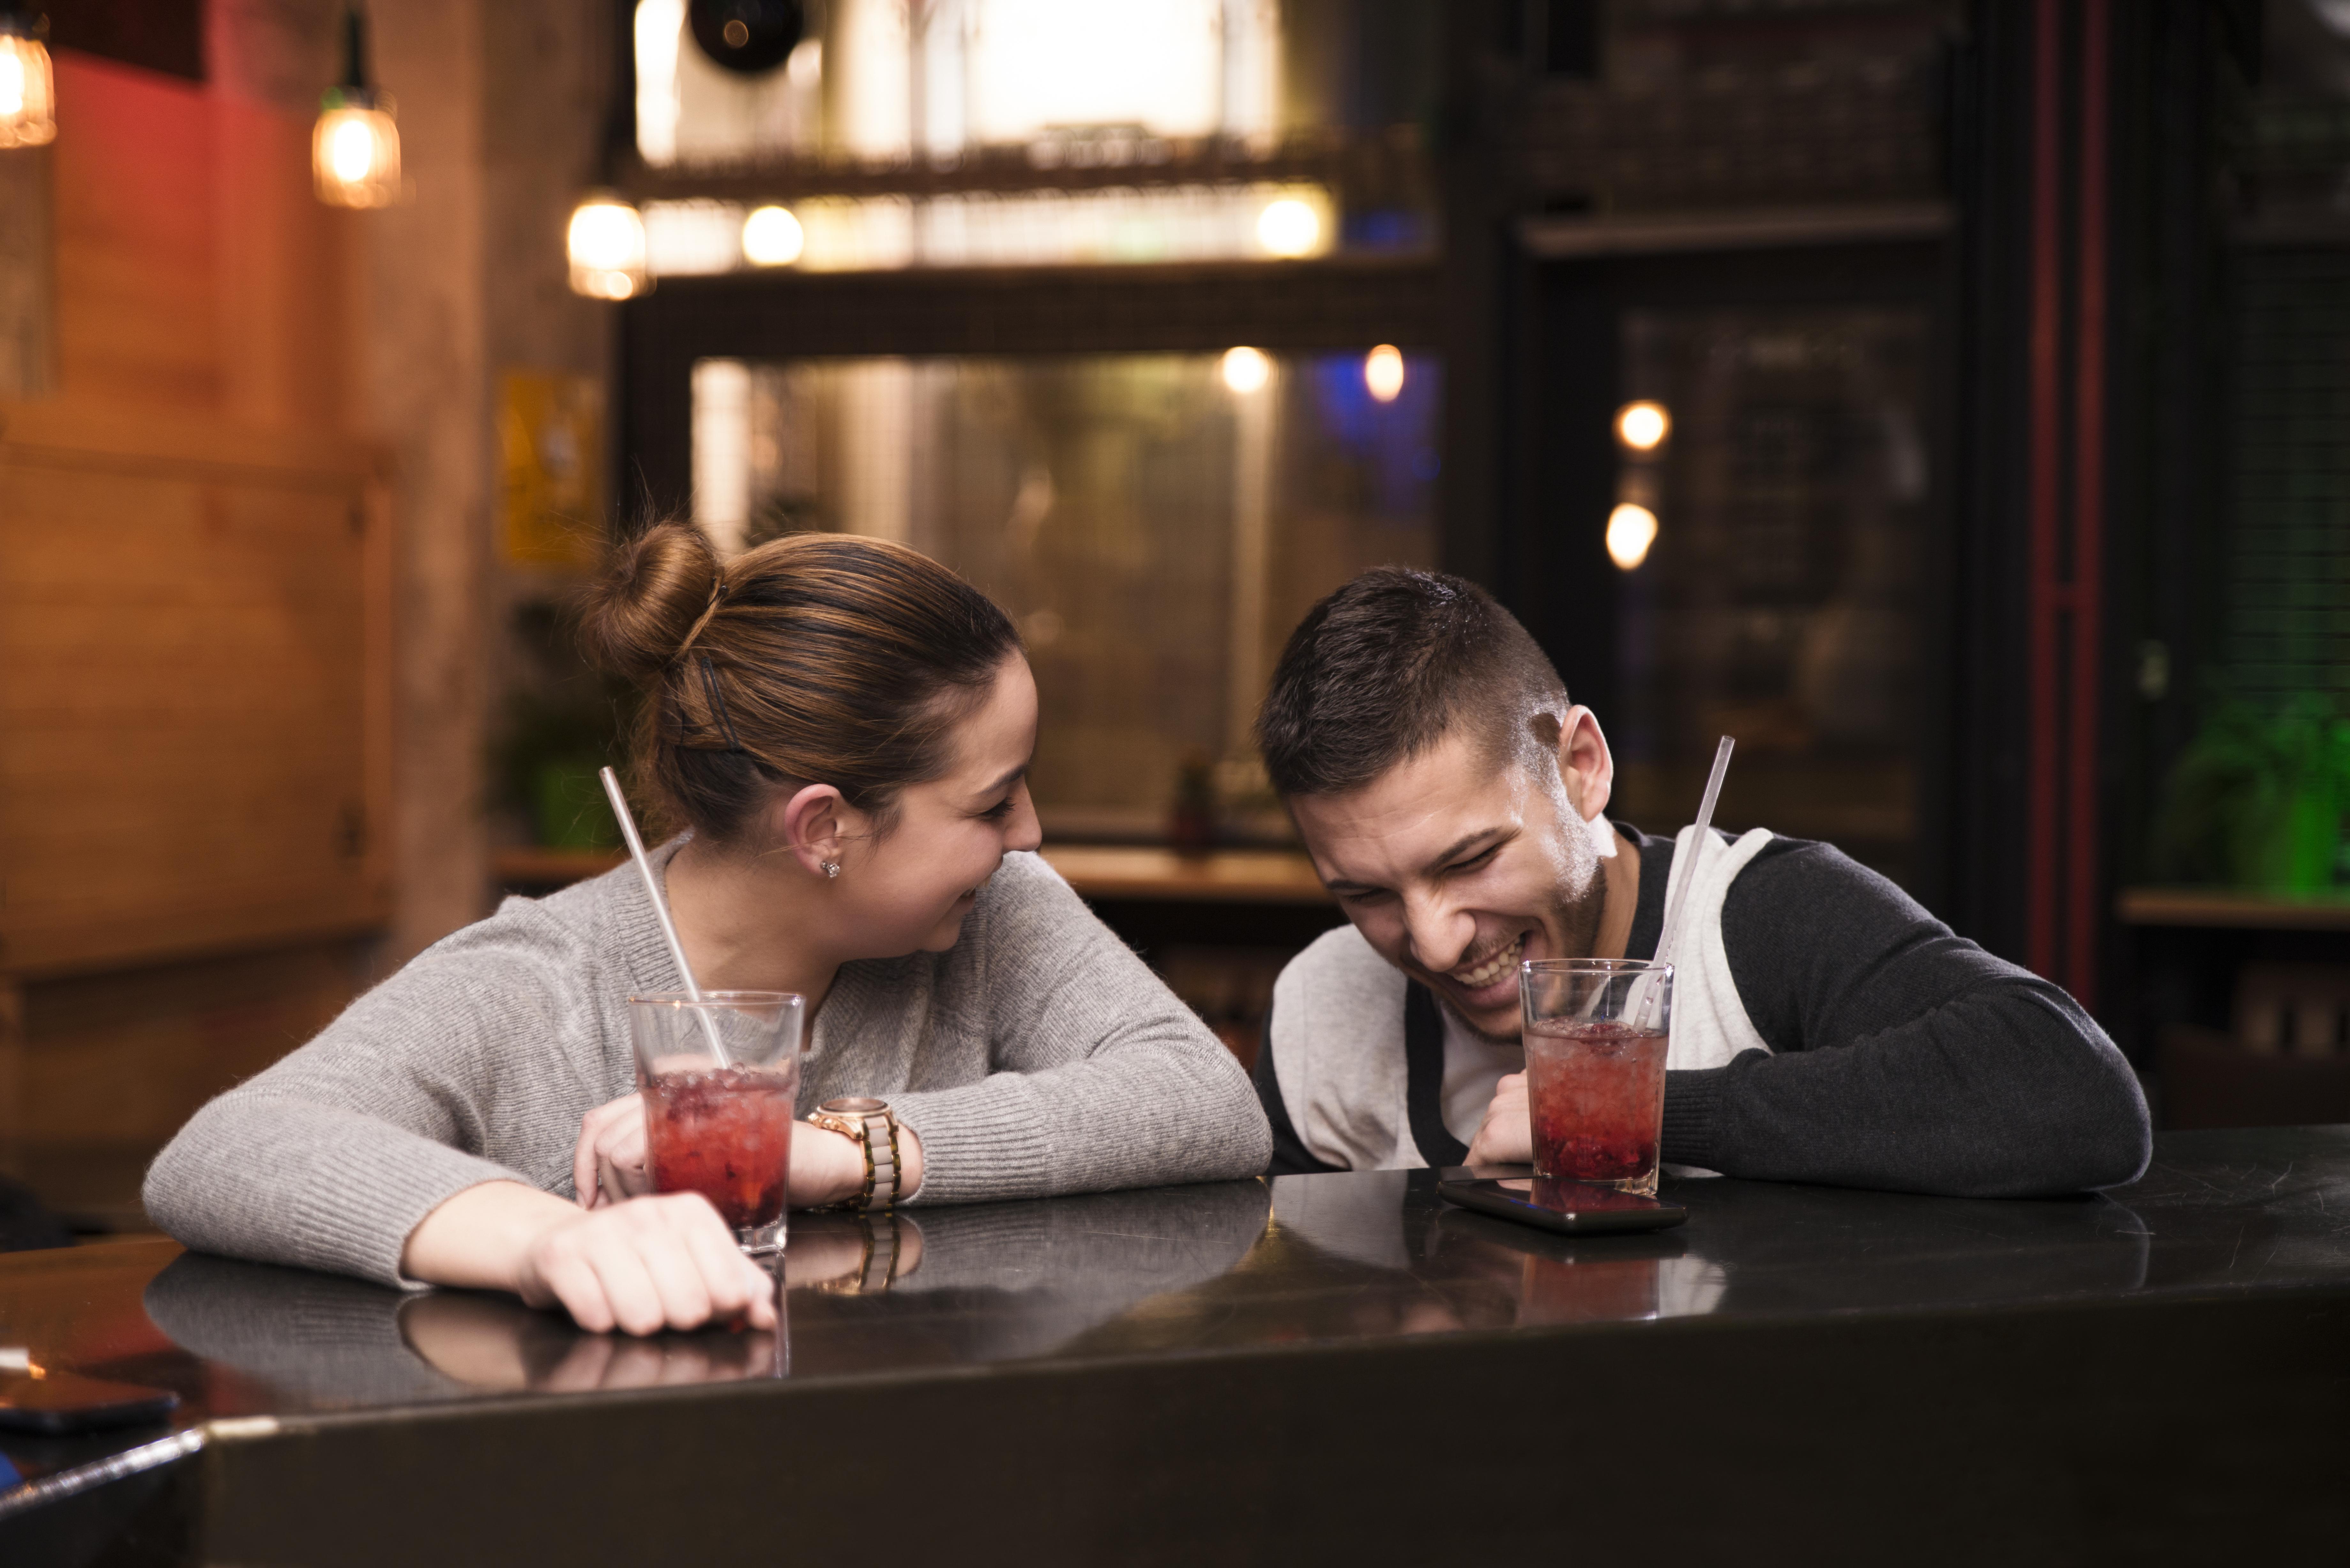 Eksempler på dating nettside beskrivelse